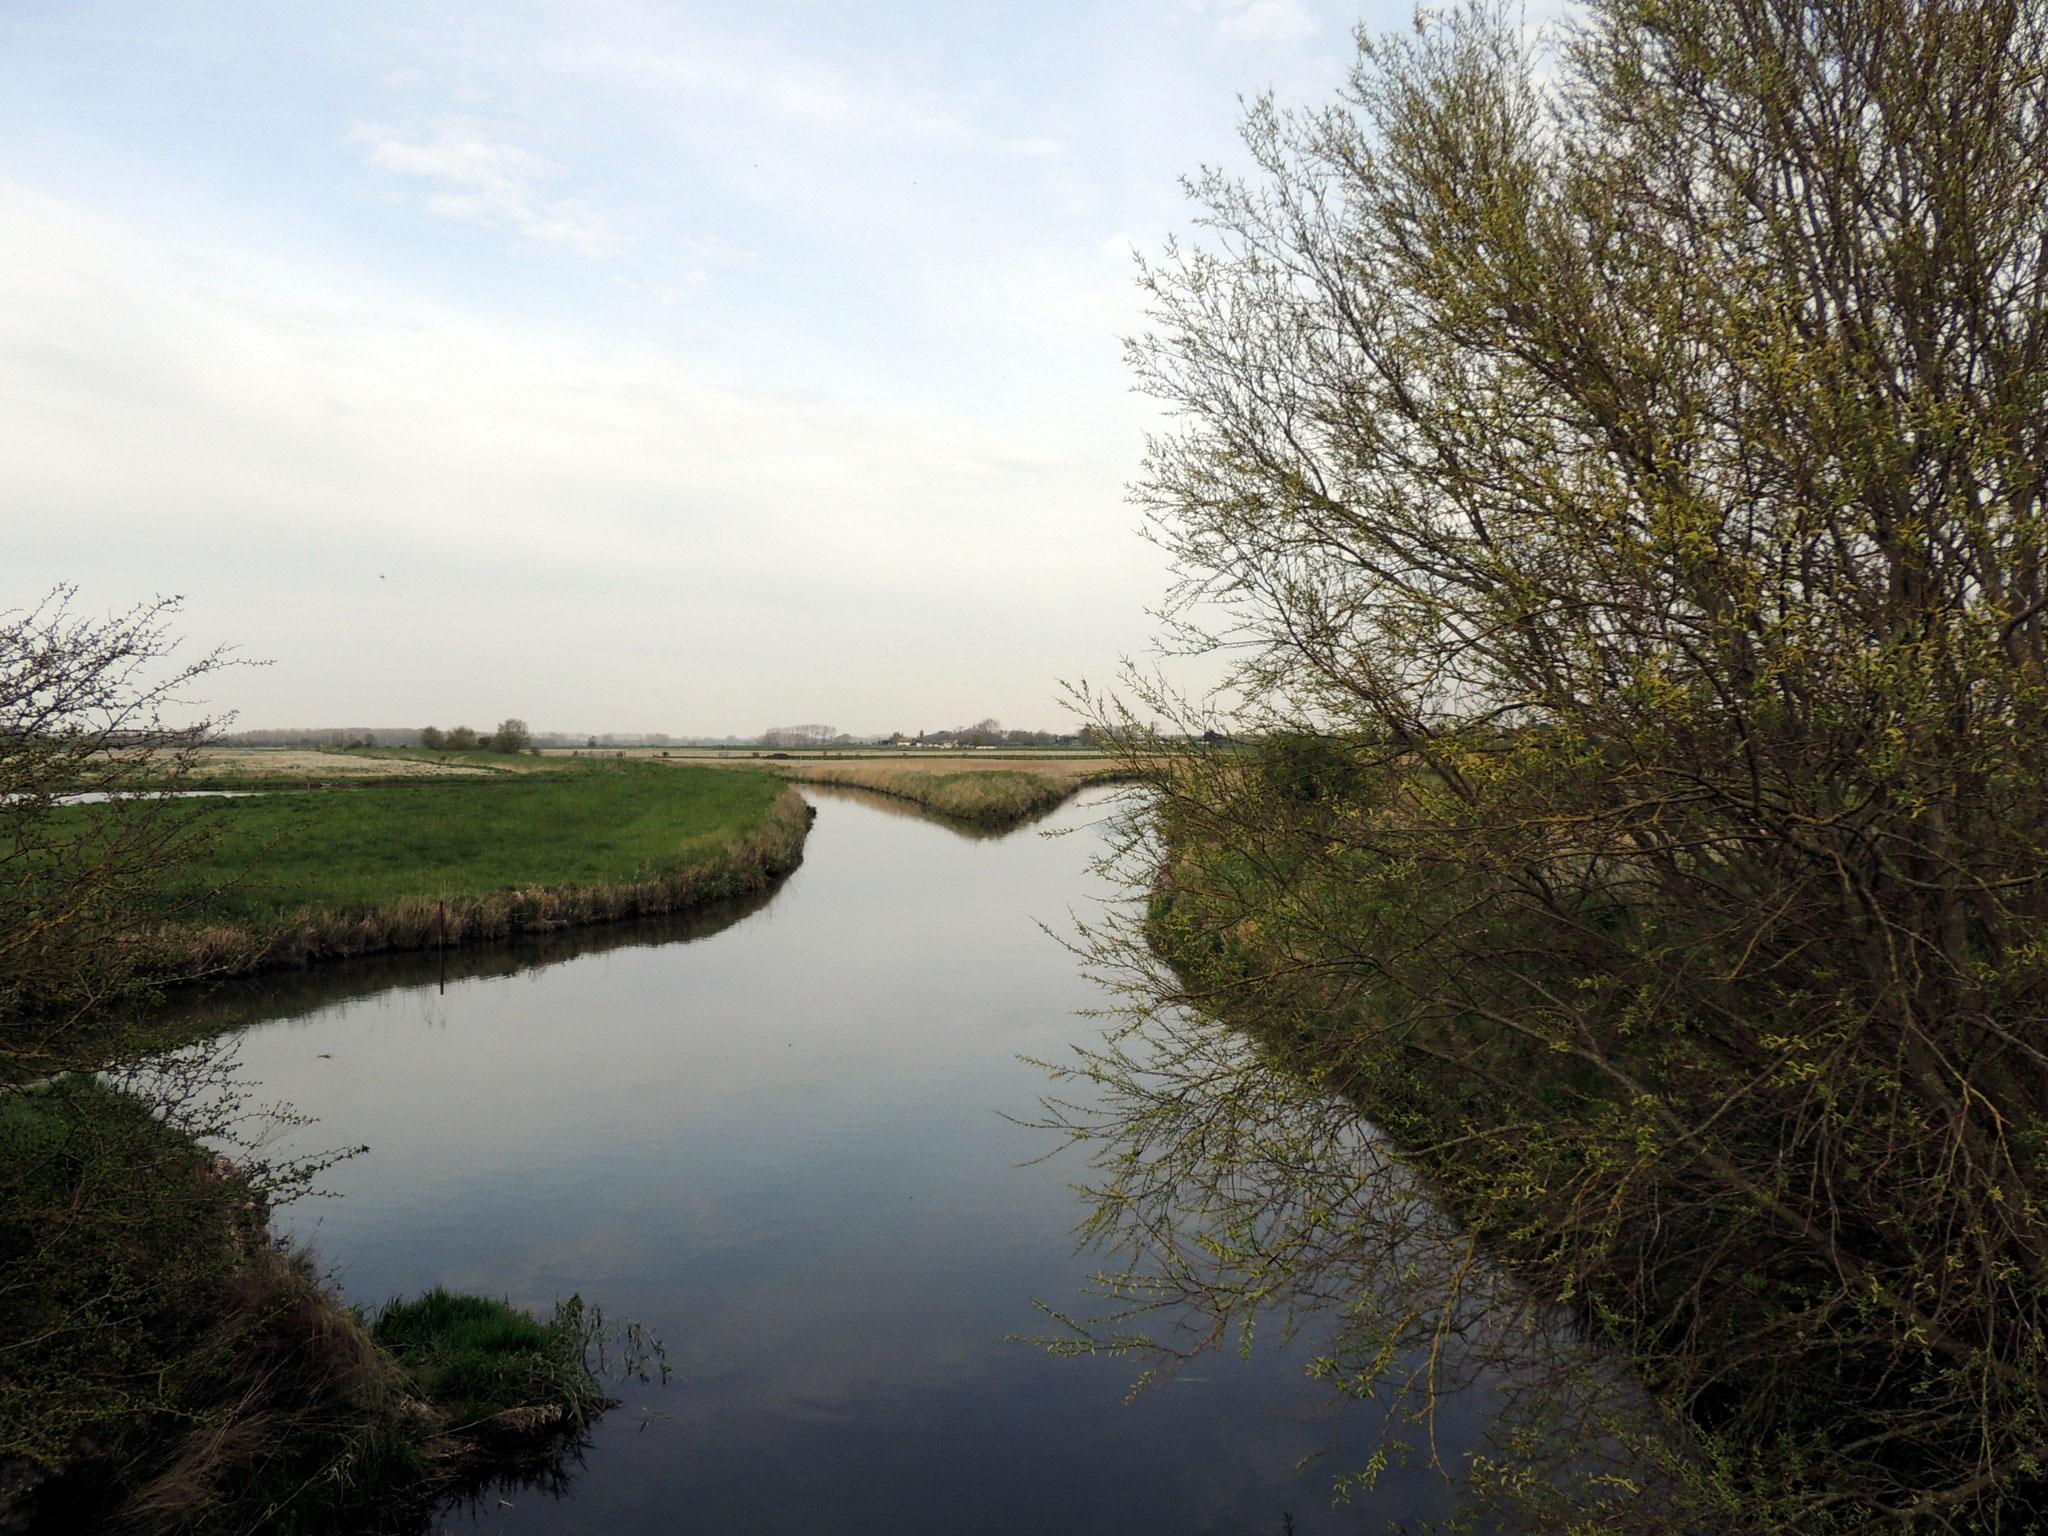 Nous traversons la petite rivière : la Maye